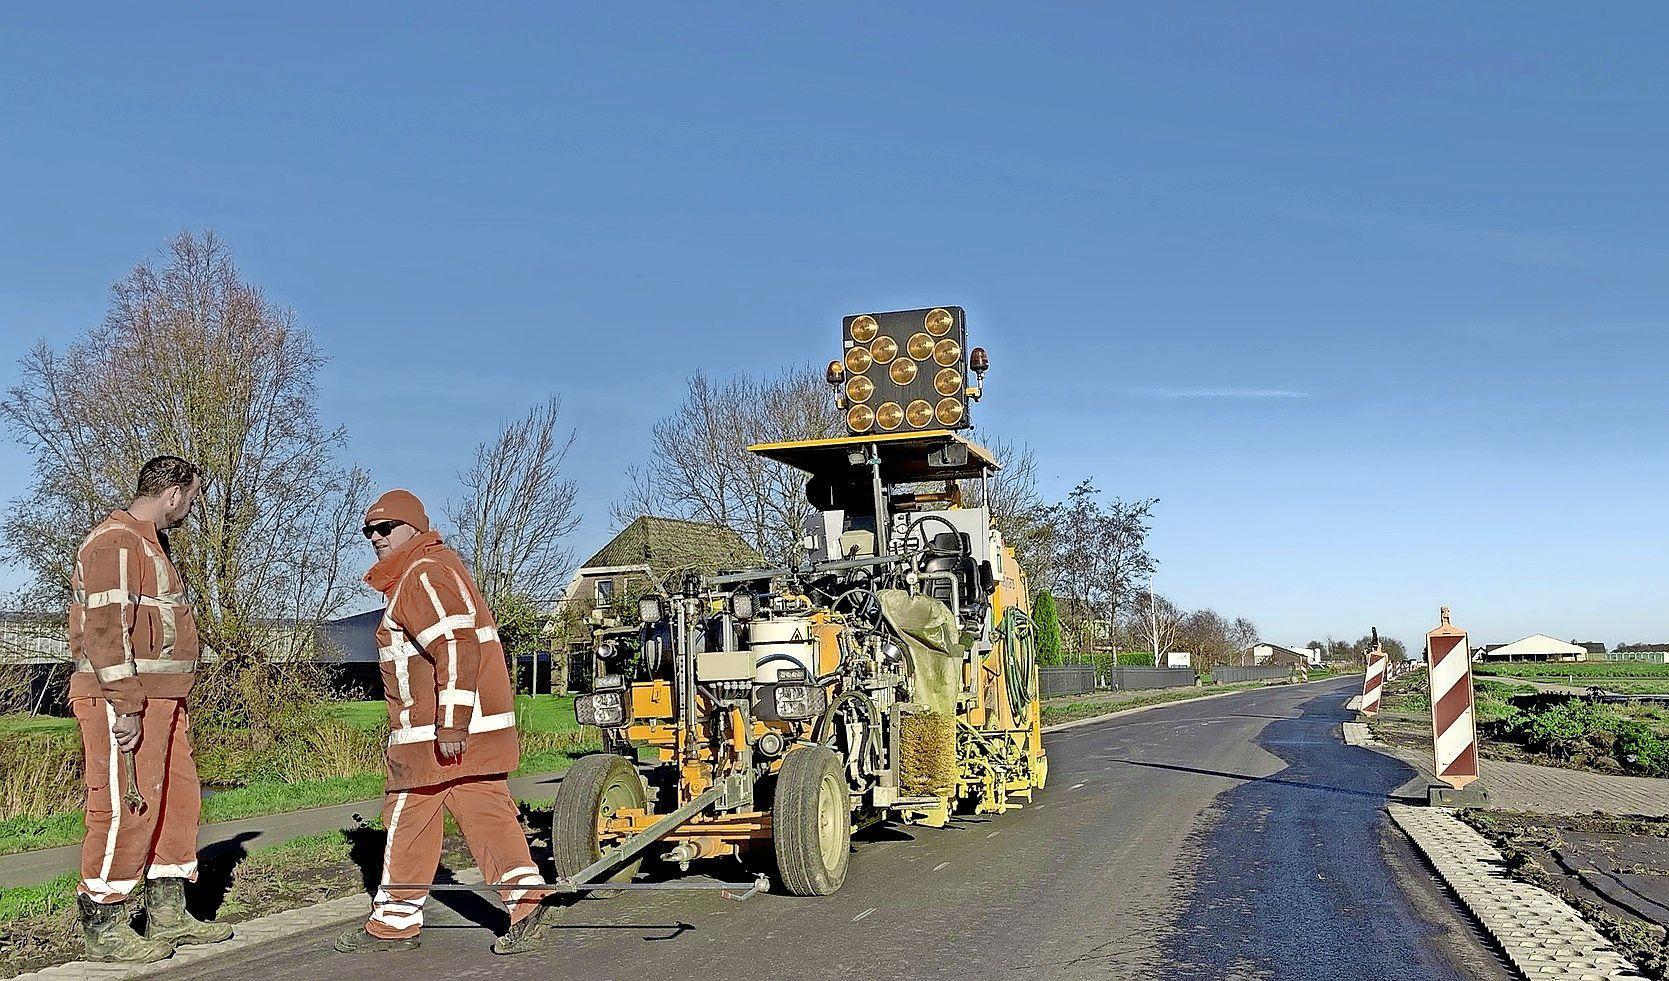 Alternatief plan van VVD over overdracht polderwegen 'populistisch' en 'gepasseerd station'